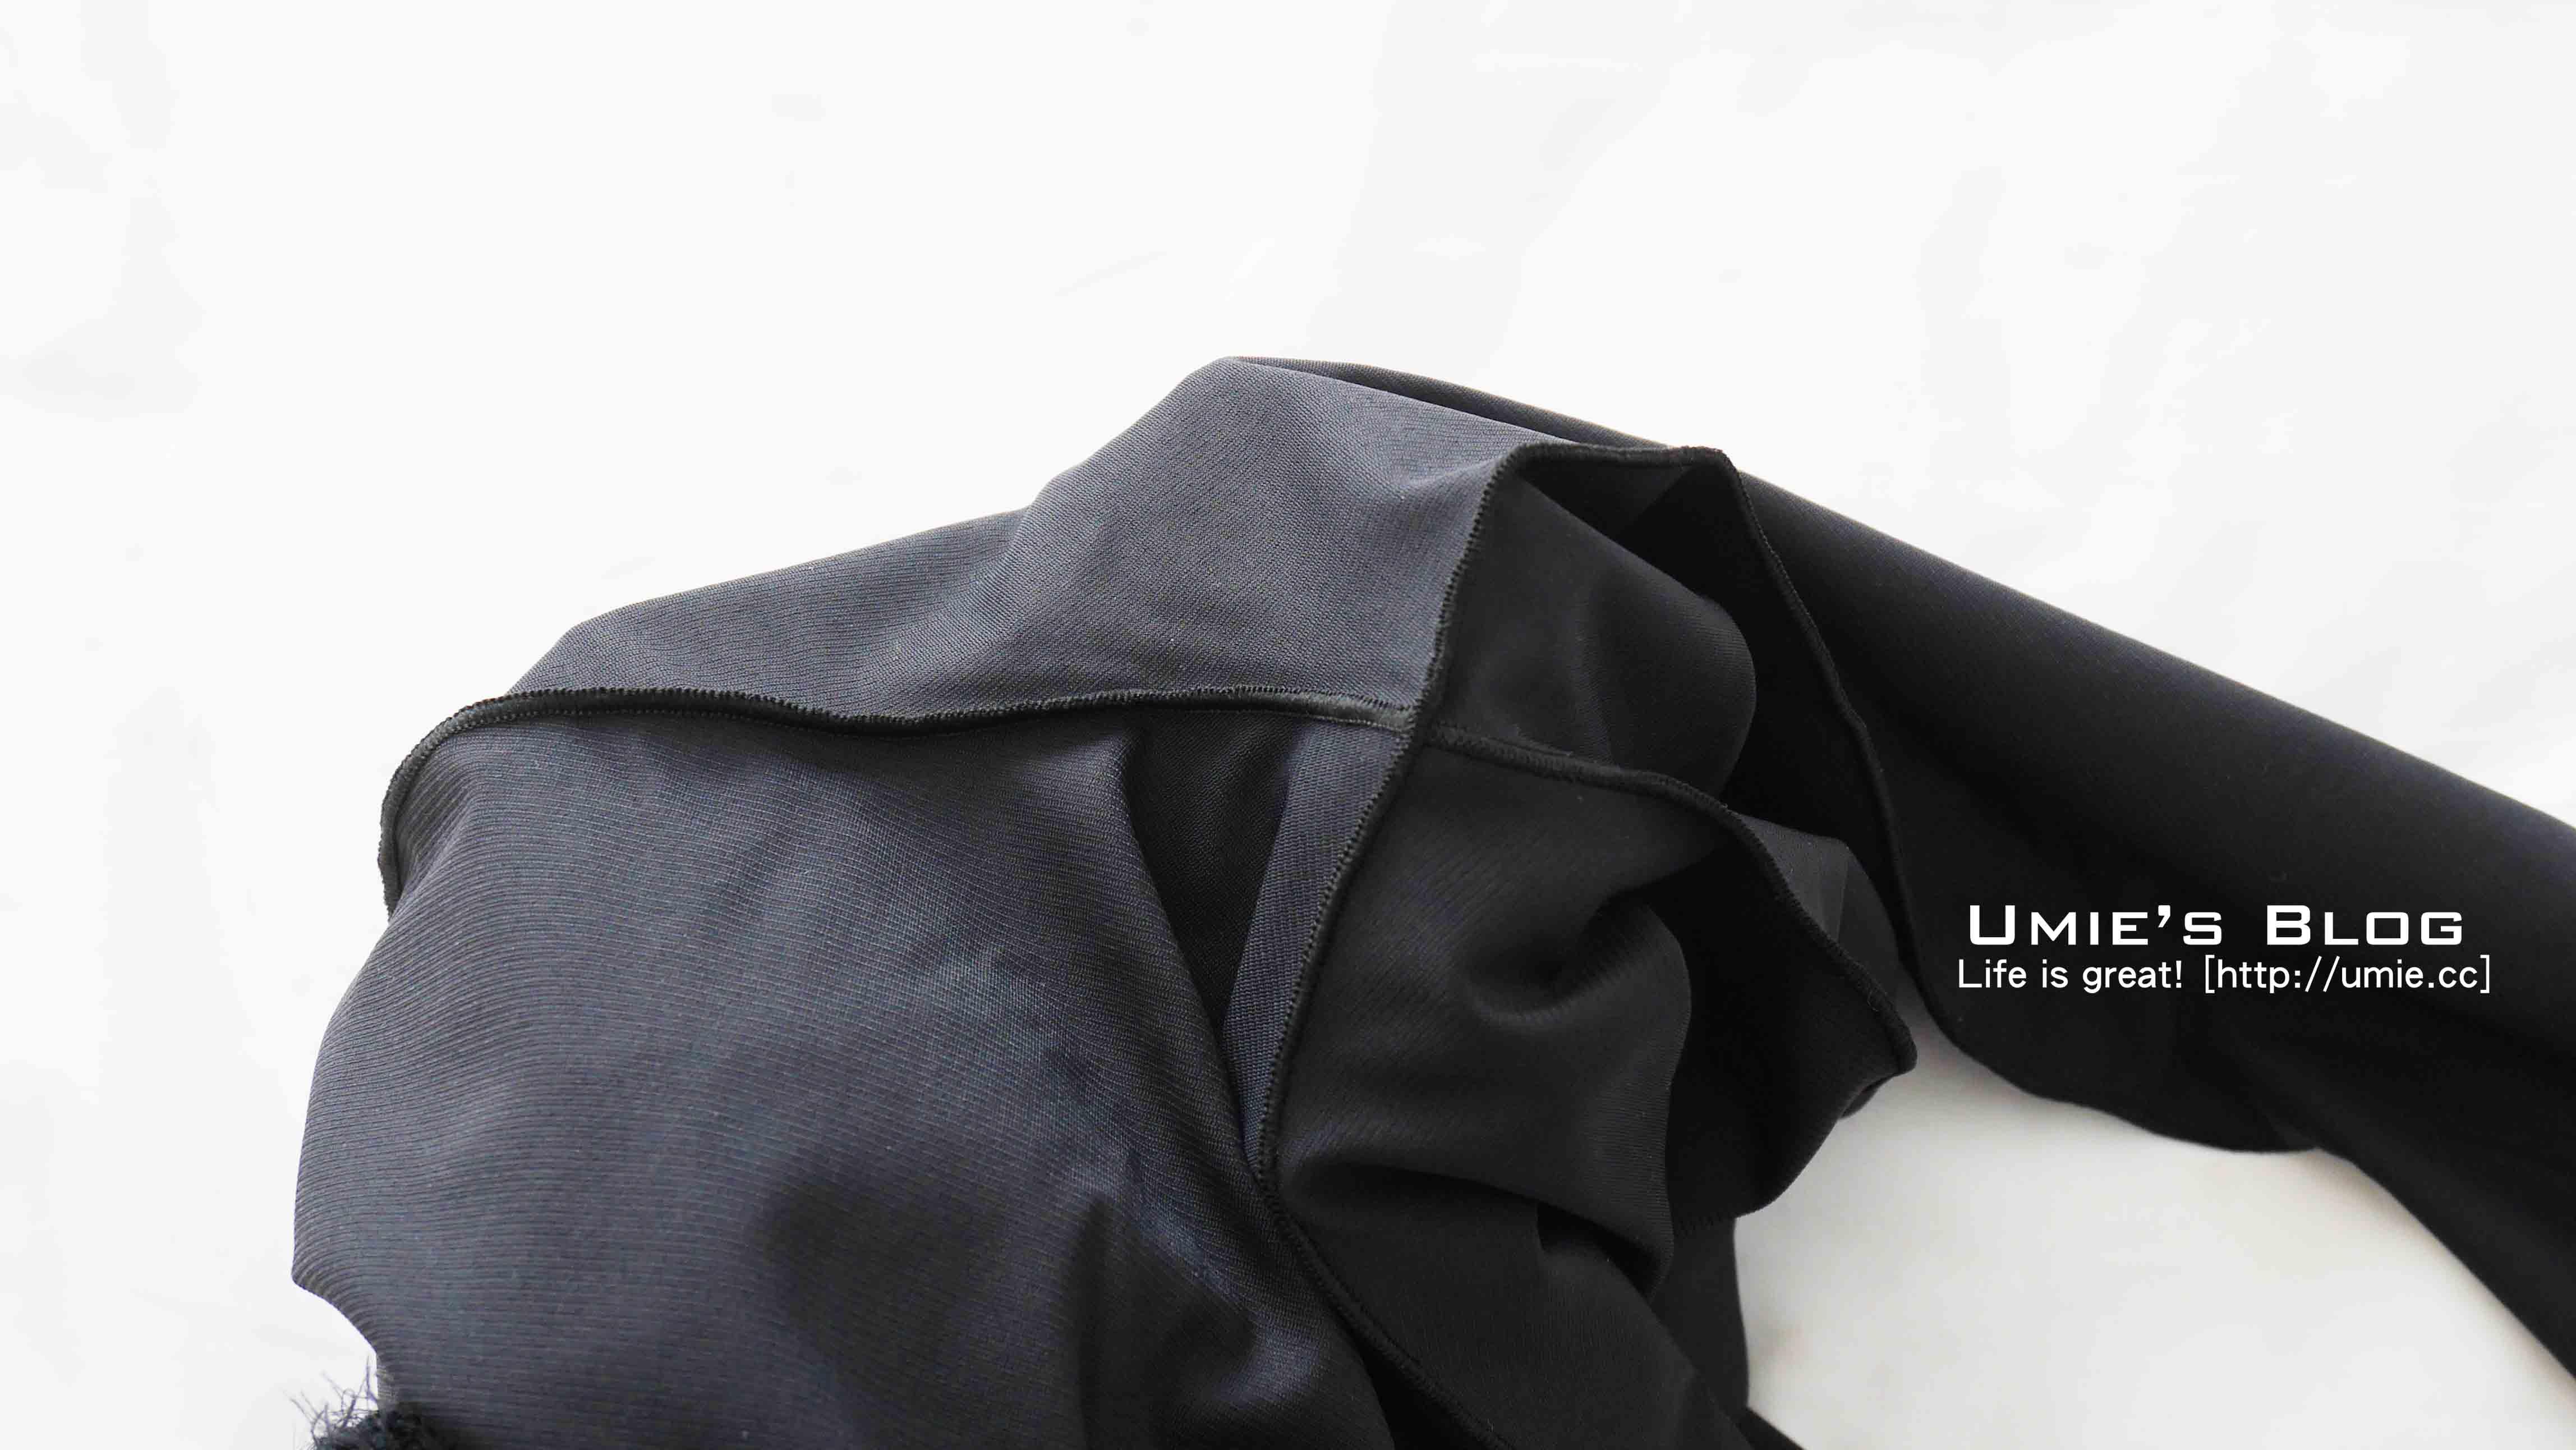 冬季穿搭-用黑色來顯瘦!我的黑色穿衣哲學,4款熟女風上班私服穿搭分享 :) [搭配單品:美國專利Marena塑身褲]